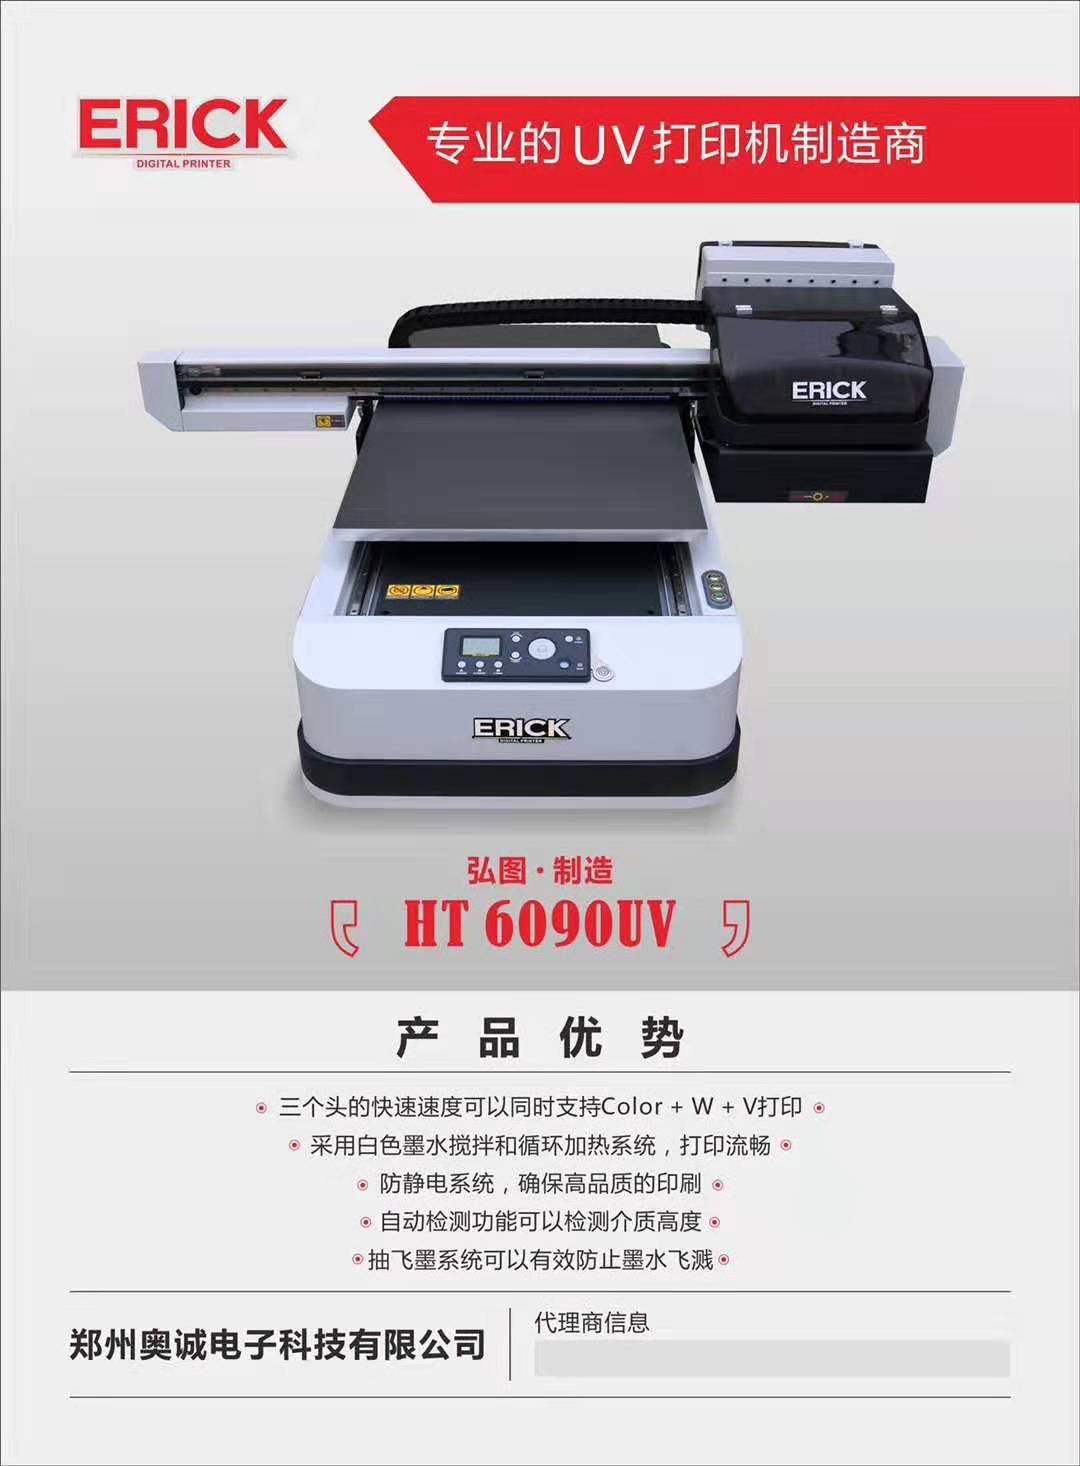 礼品工艺平万能打印机价格